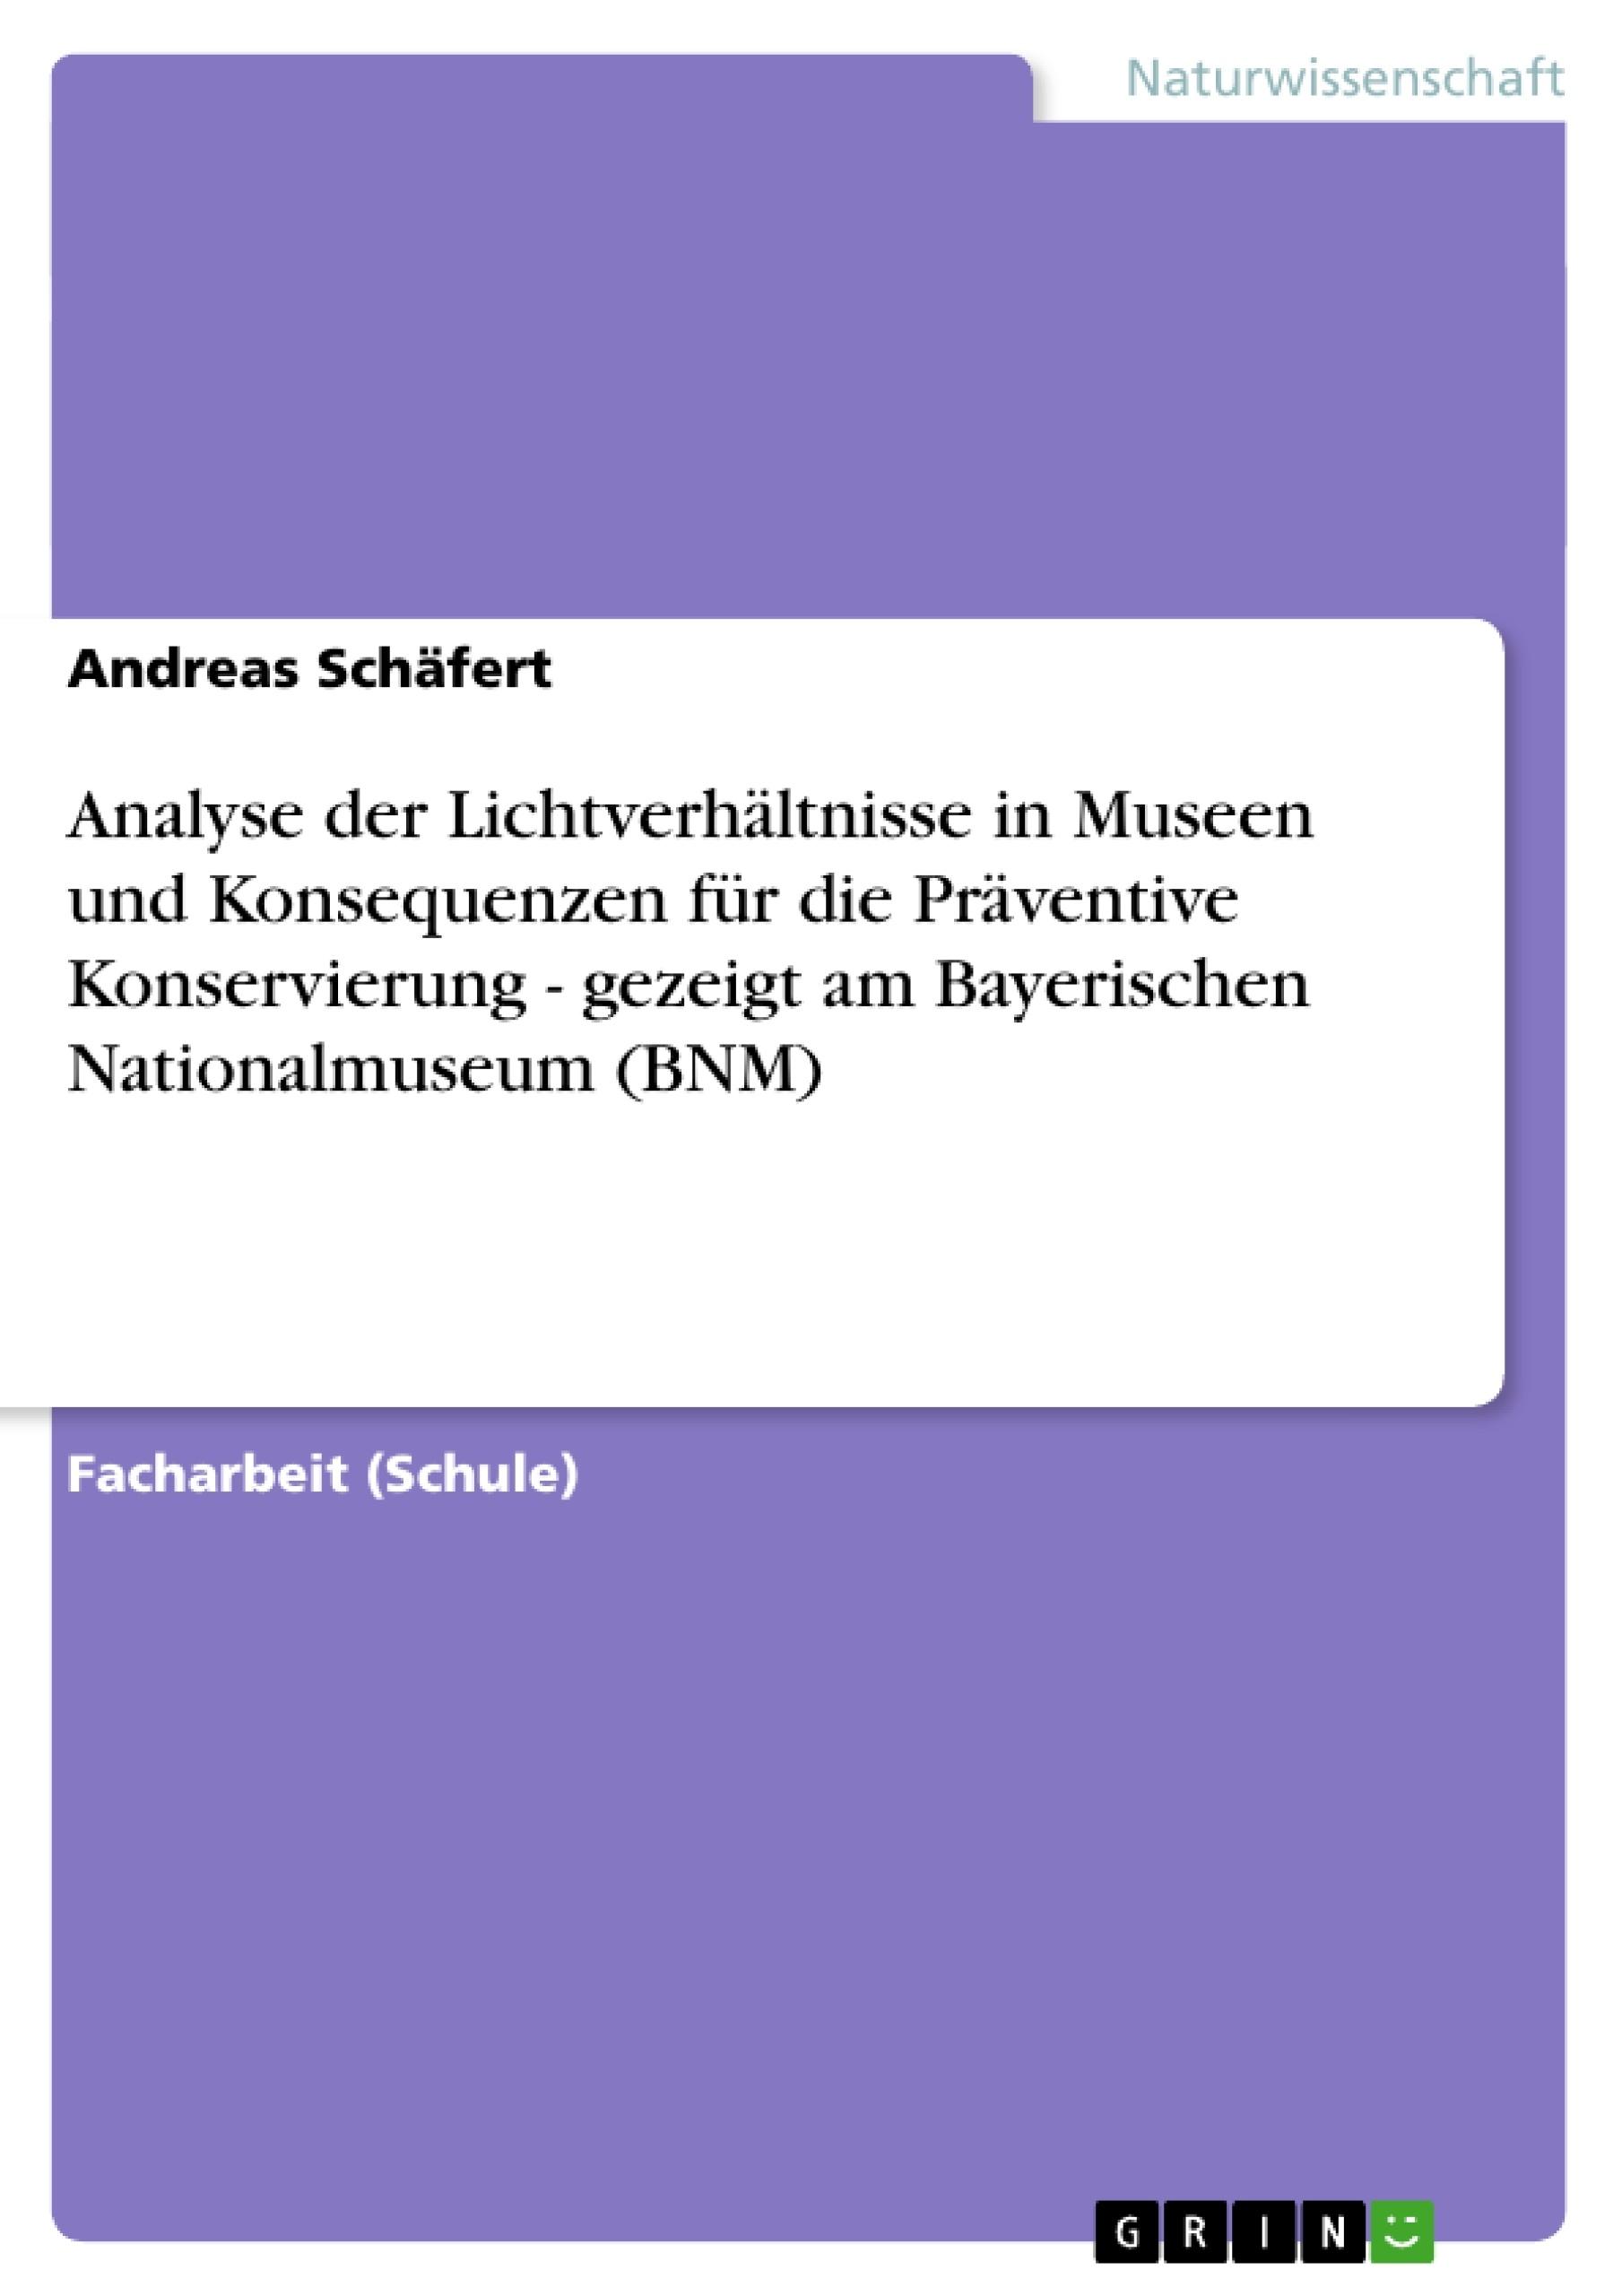 Titel: Analyse der Lichtverhältnisse in Museen und Konsequenzen für die Präventive Konservierung - gezeigt am Bayerischen Nationalmuseum (BNM)